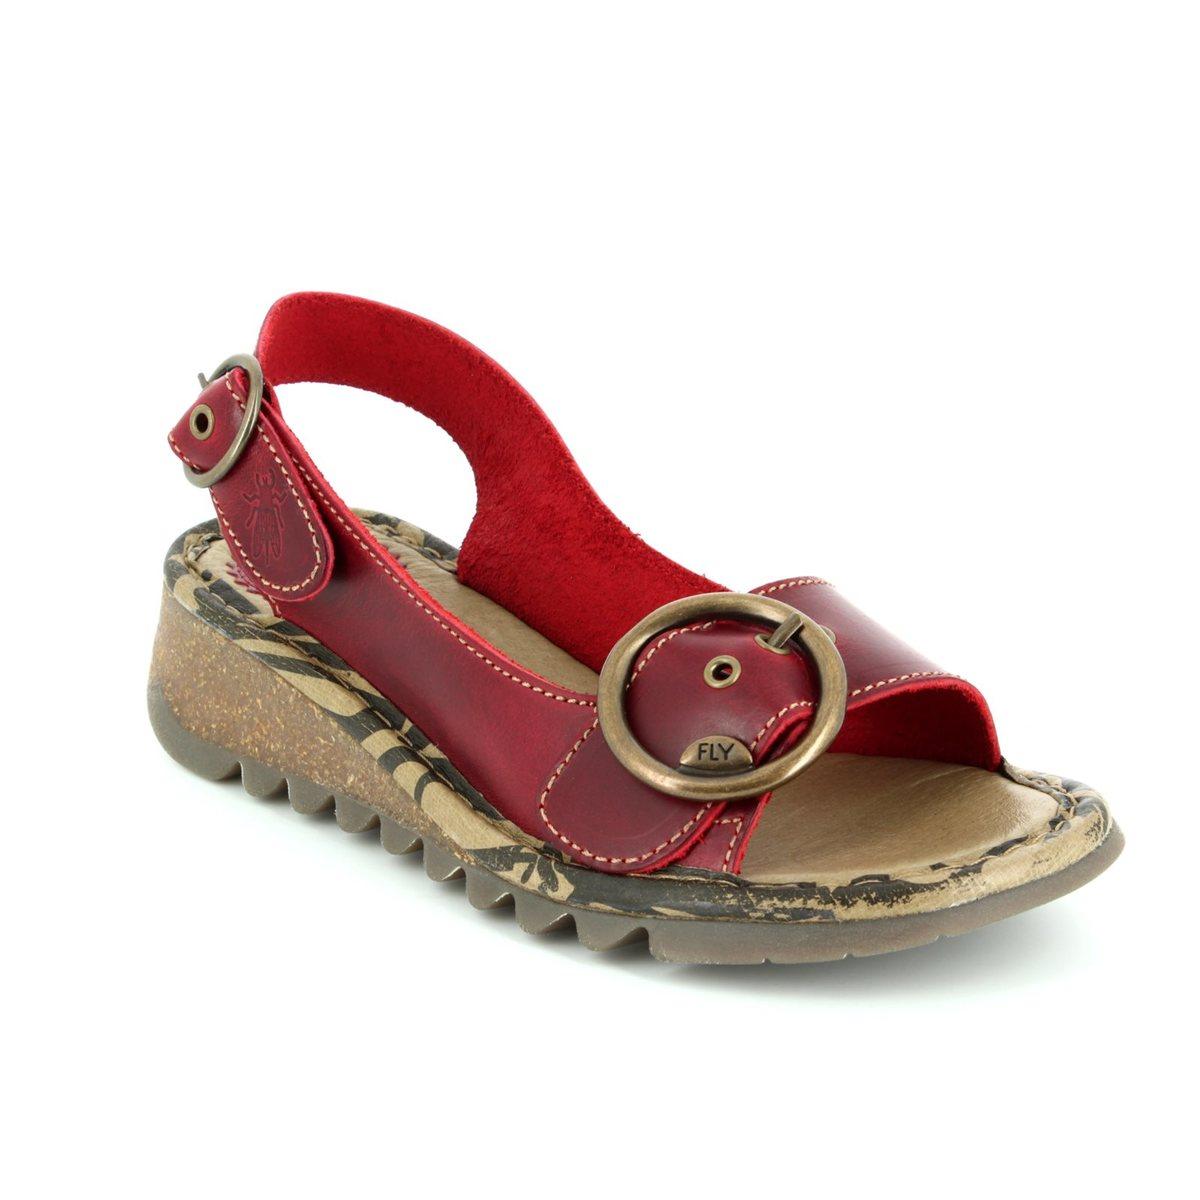 a28240297ba2d Fly London Sandals - Dark Red - P500723 TRAM